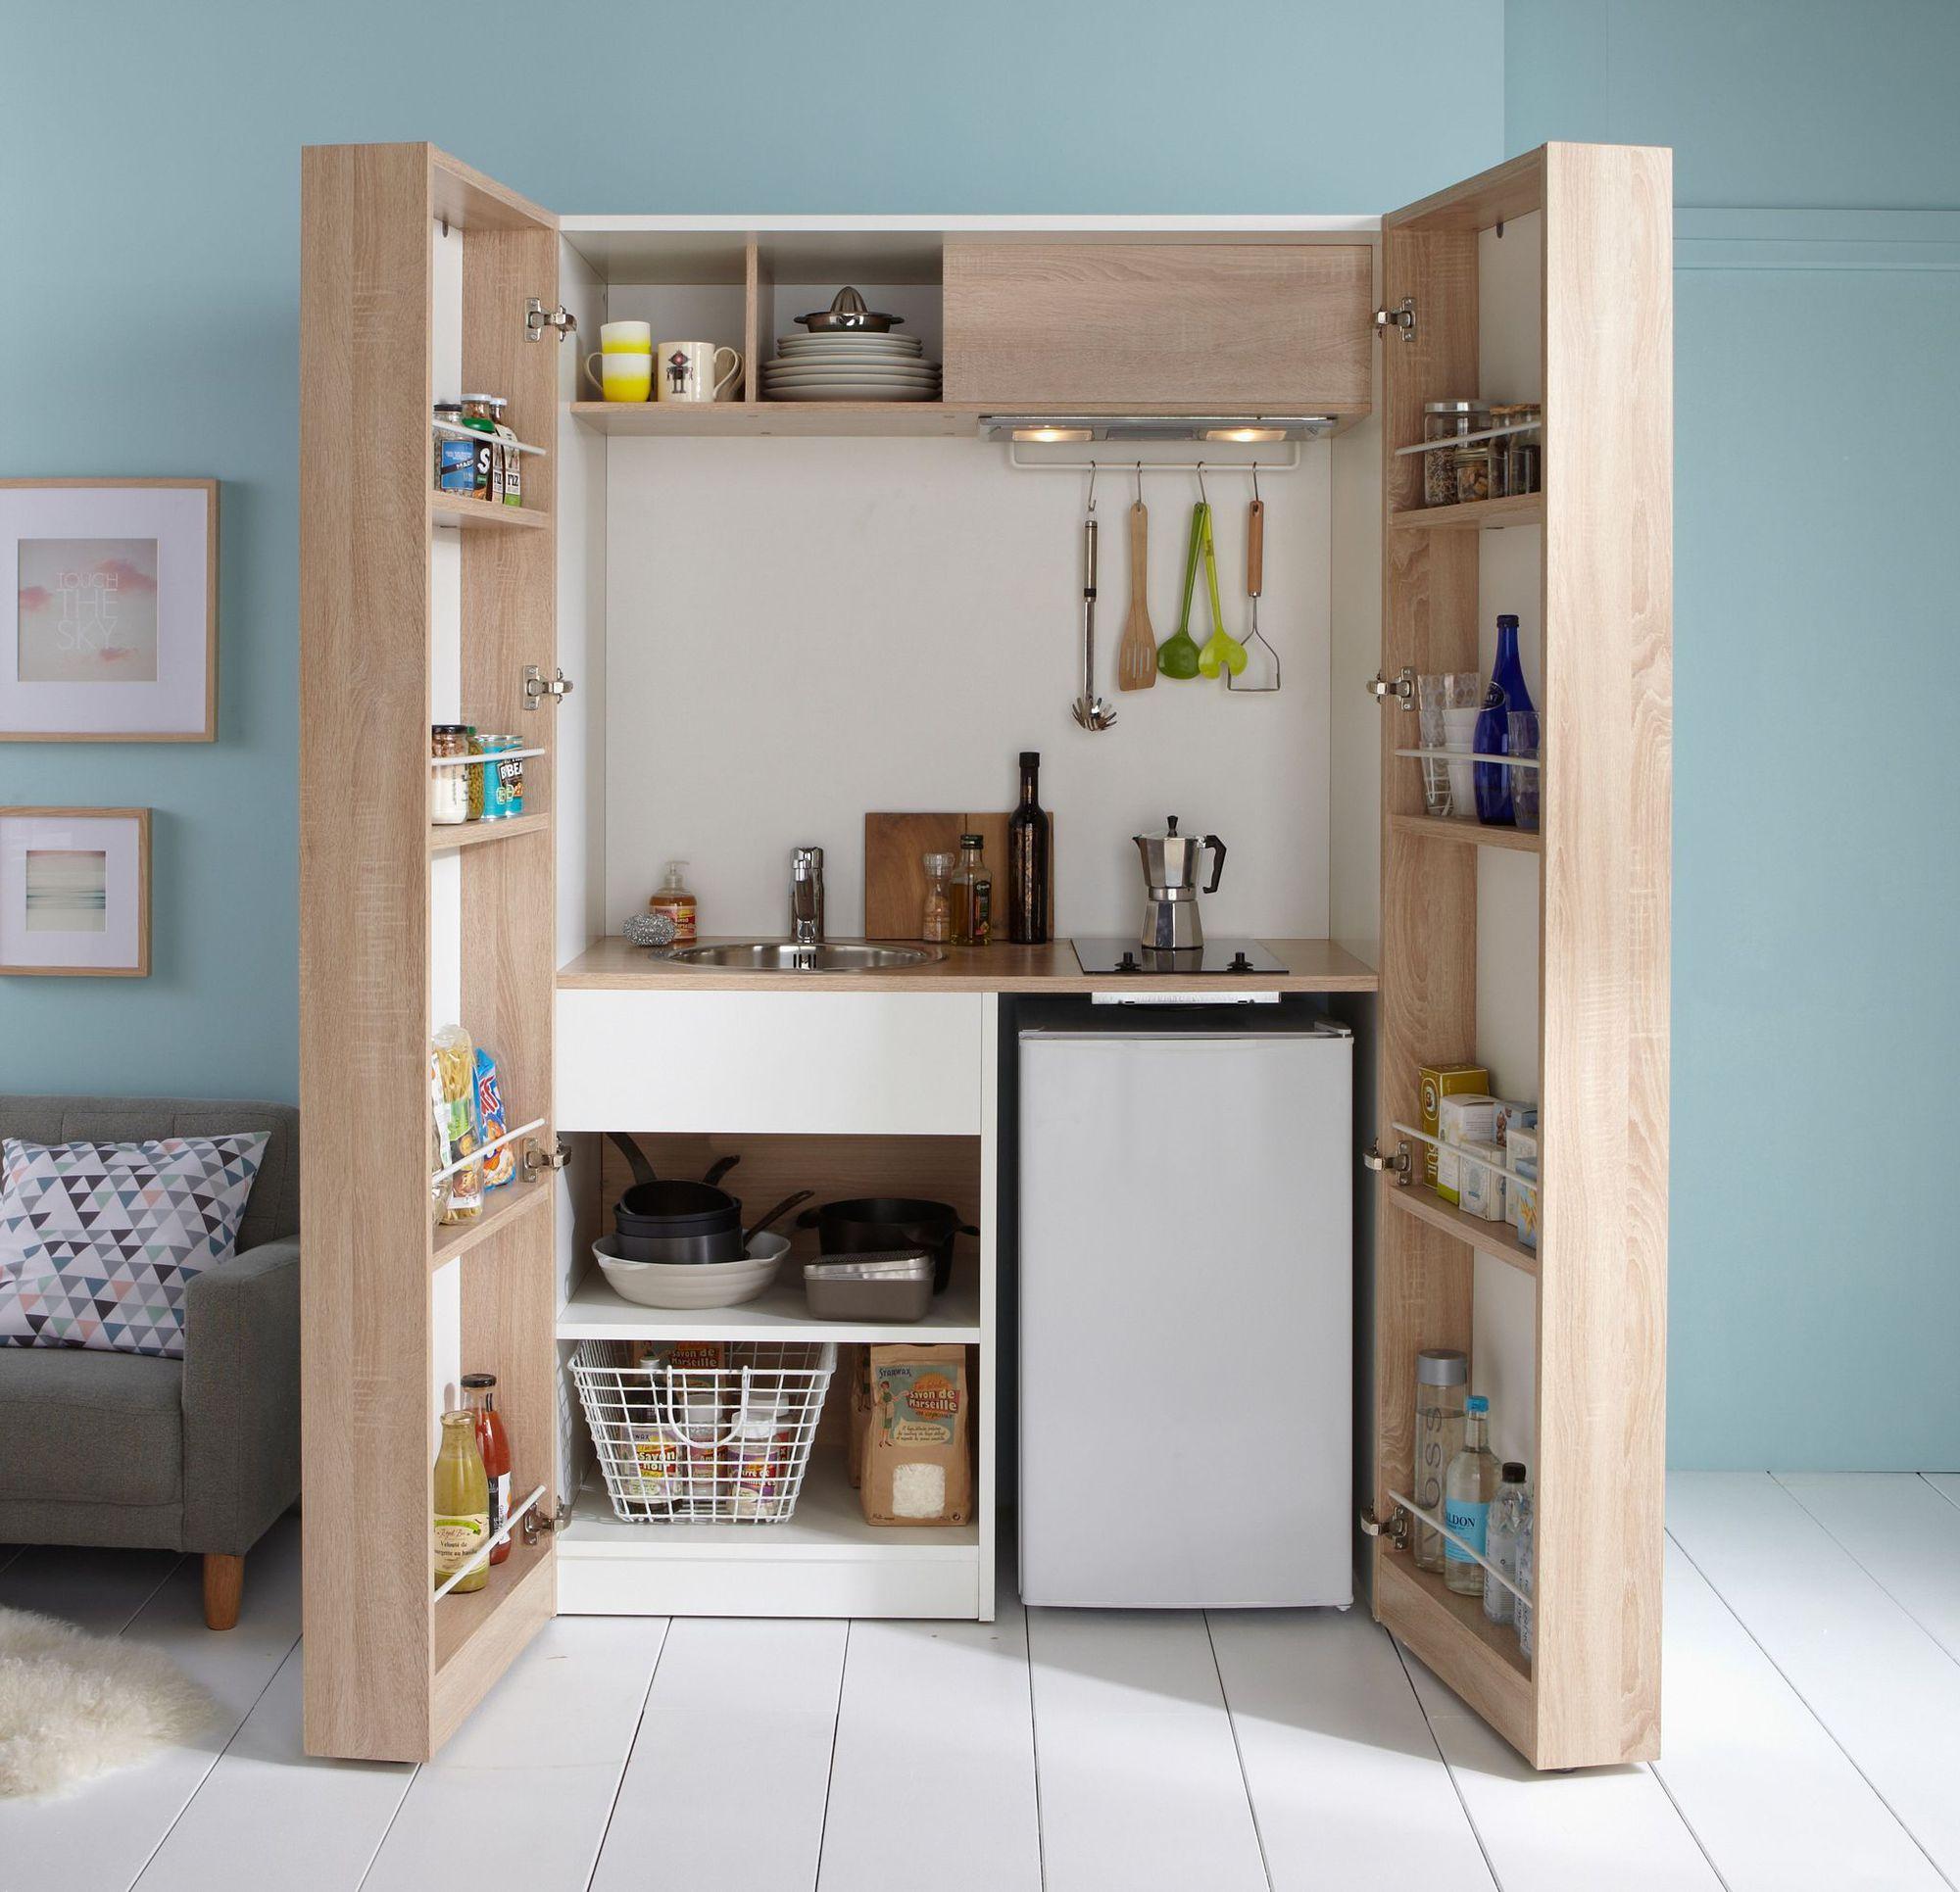 Meuble Cuisine Ikea Vide Sanitaire rangement gain de place : 15 idées pour la cuisine, la